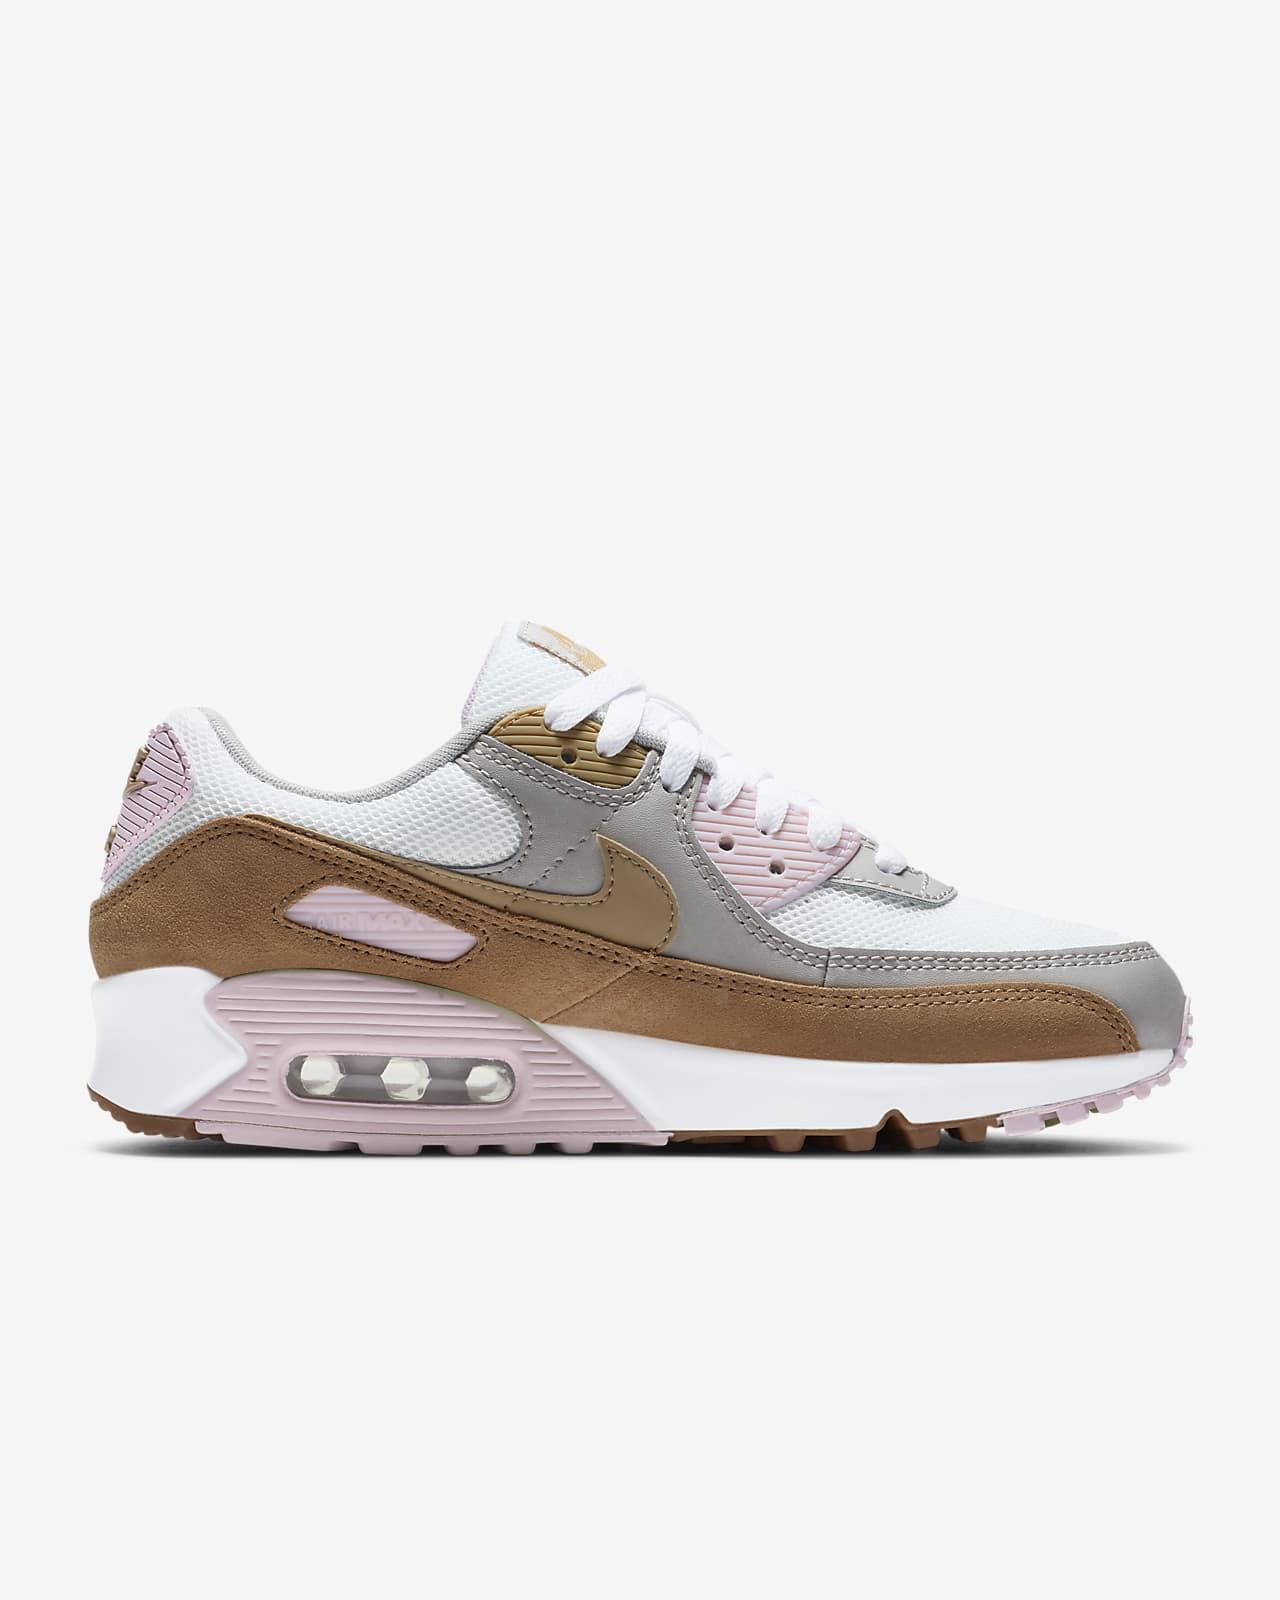 chaussure air max nike femme